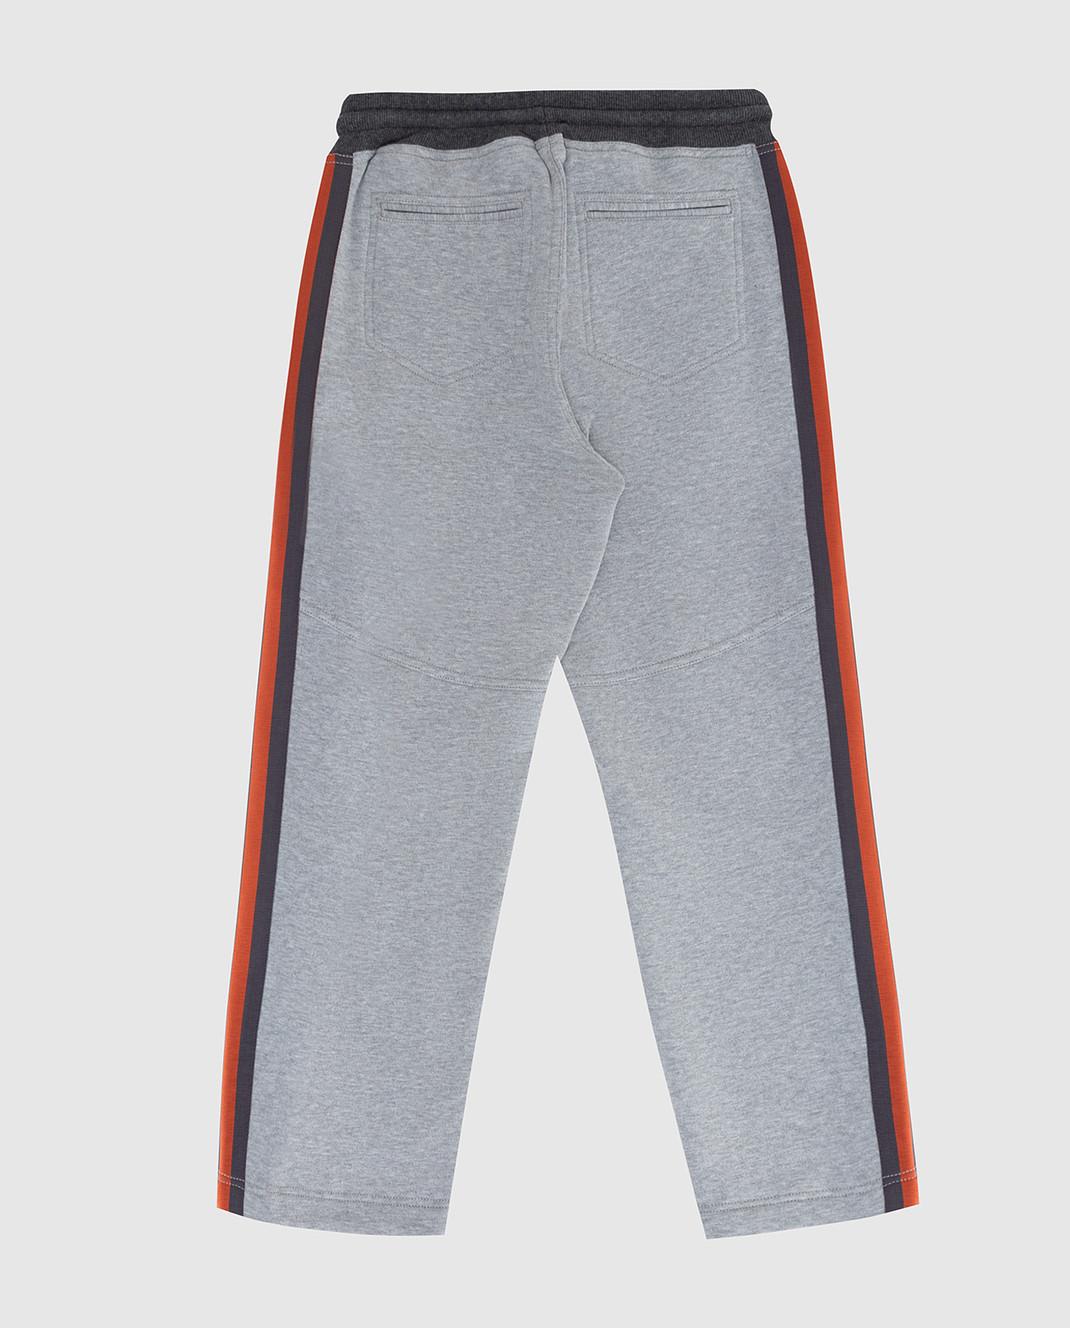 Brunello Cucinelli Детские серые спортивные брюки изображение 2